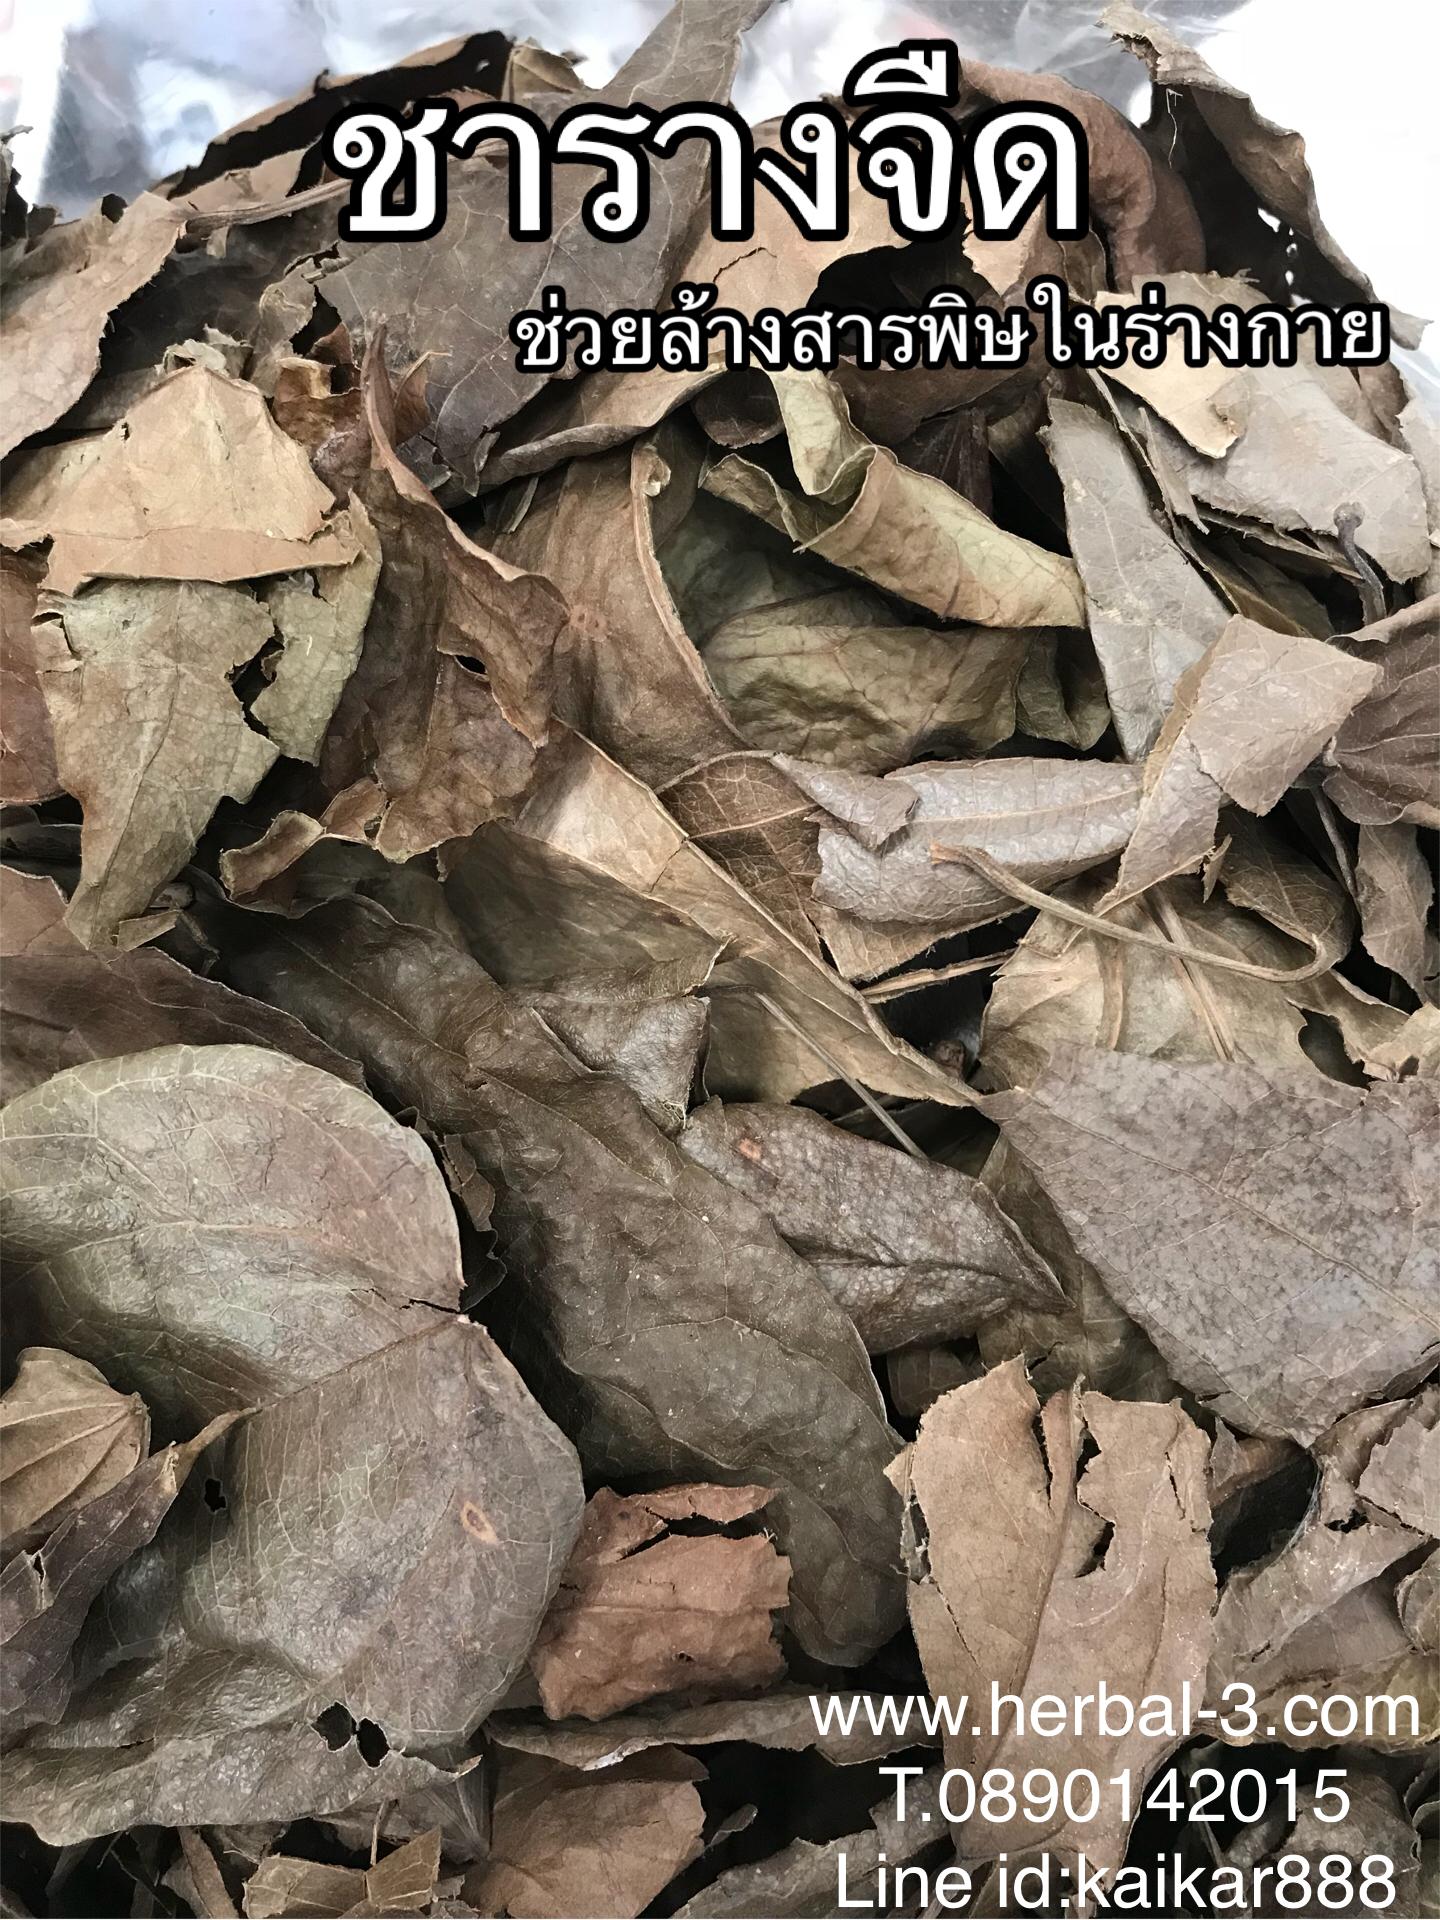 ชารางจืด (ใบอบแห้ง กิโล)